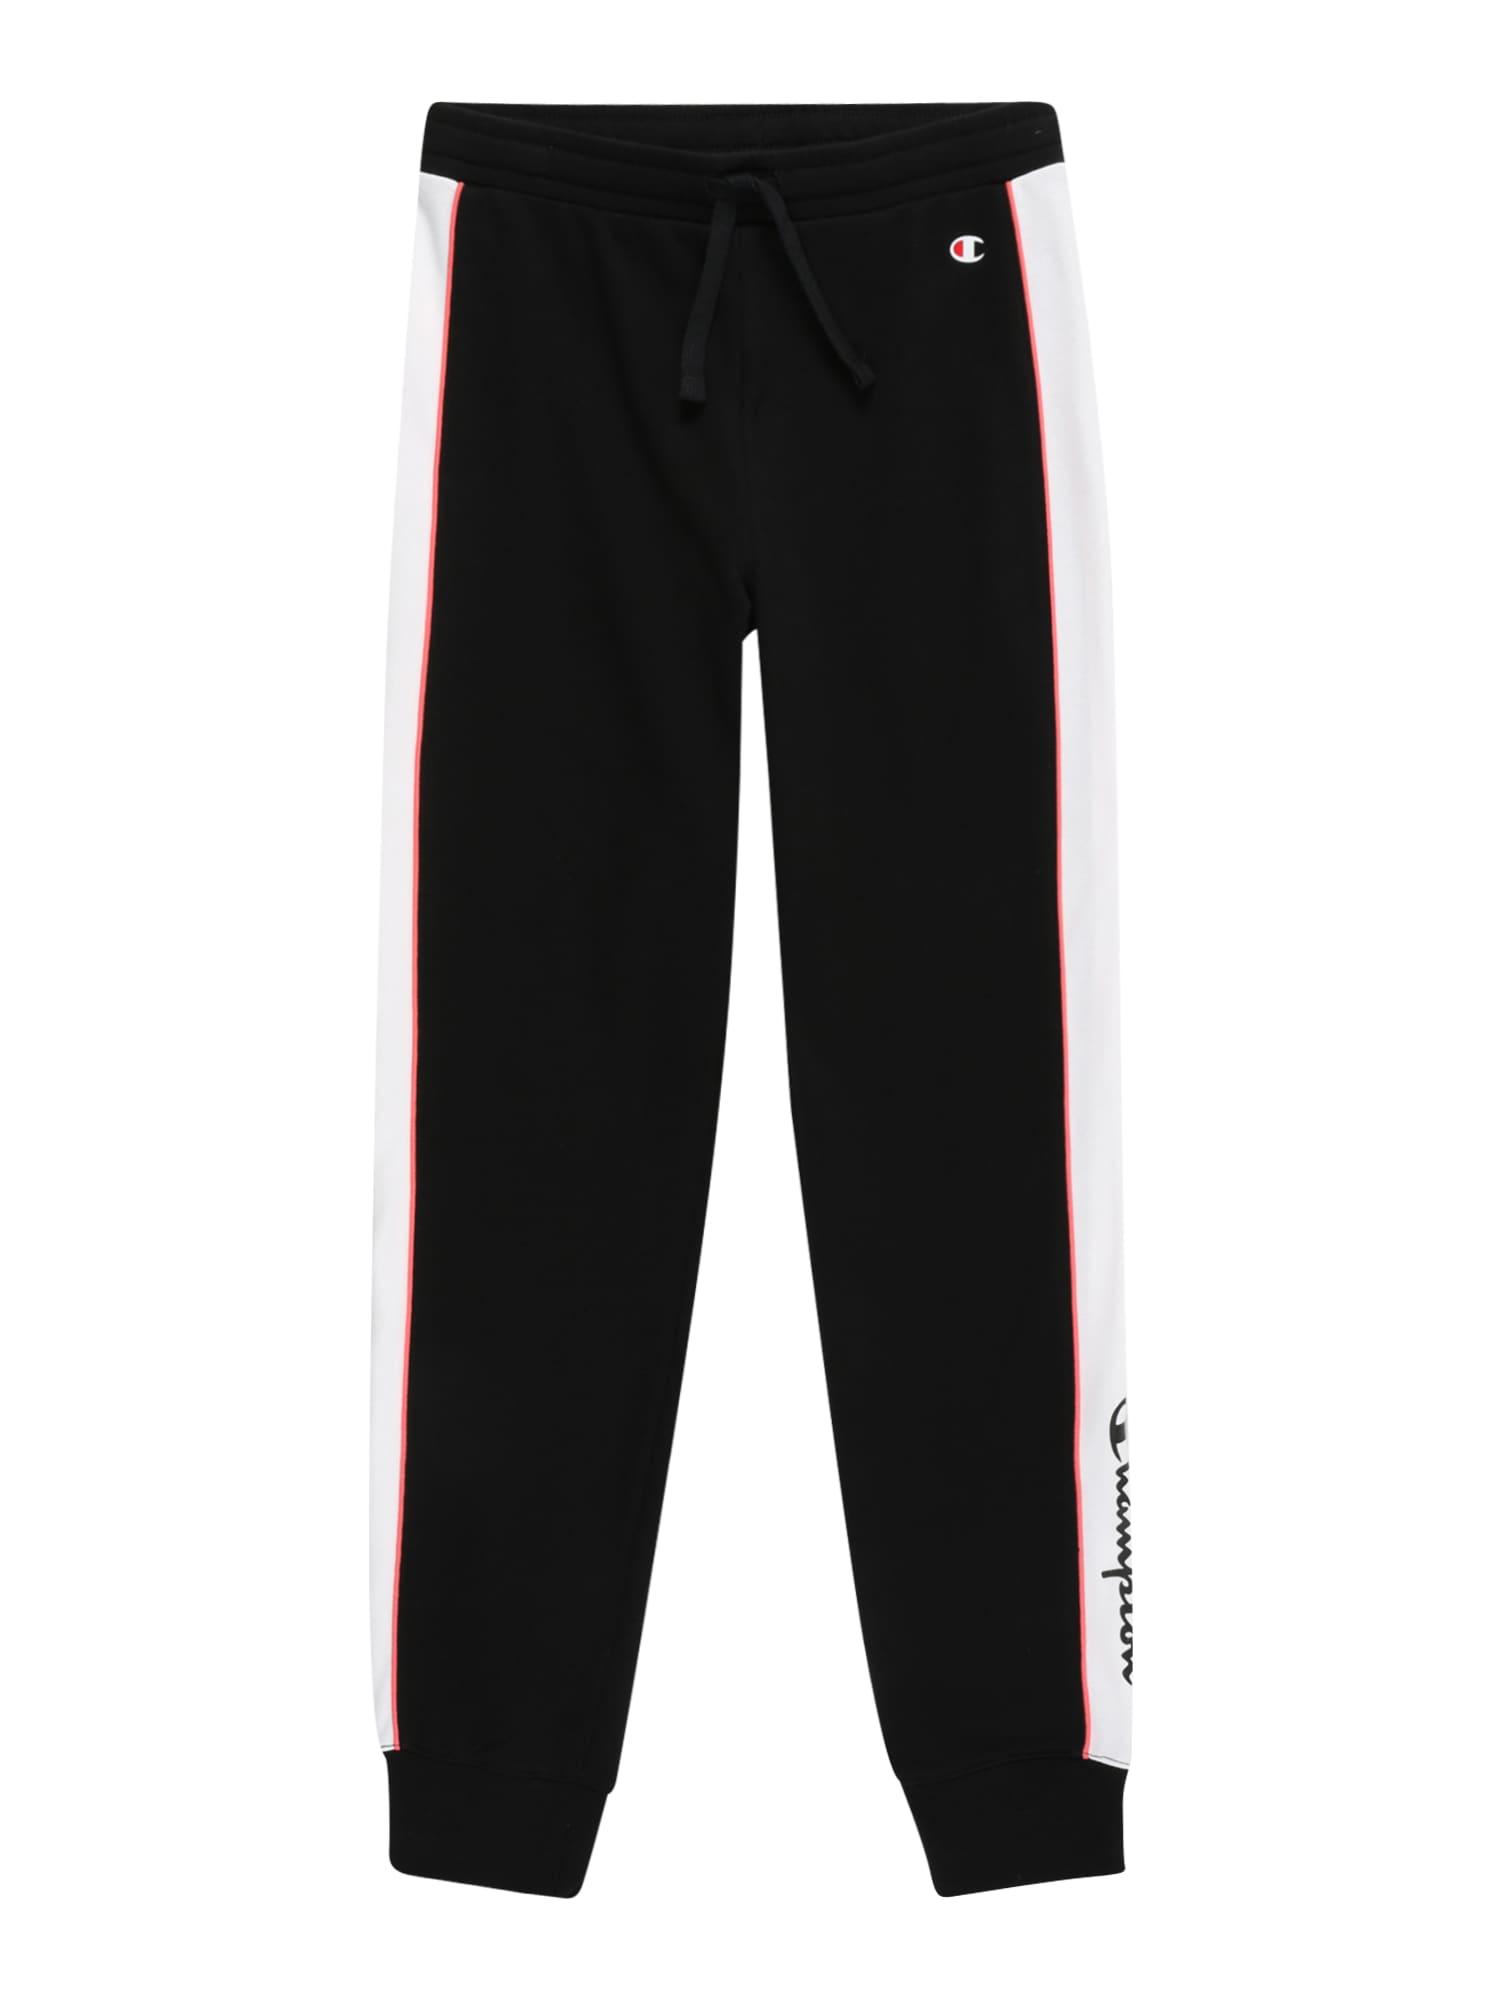 Champion Authentic Athletic Apparel Kelnės juoda / balta / ugnies raudona / koralų splava